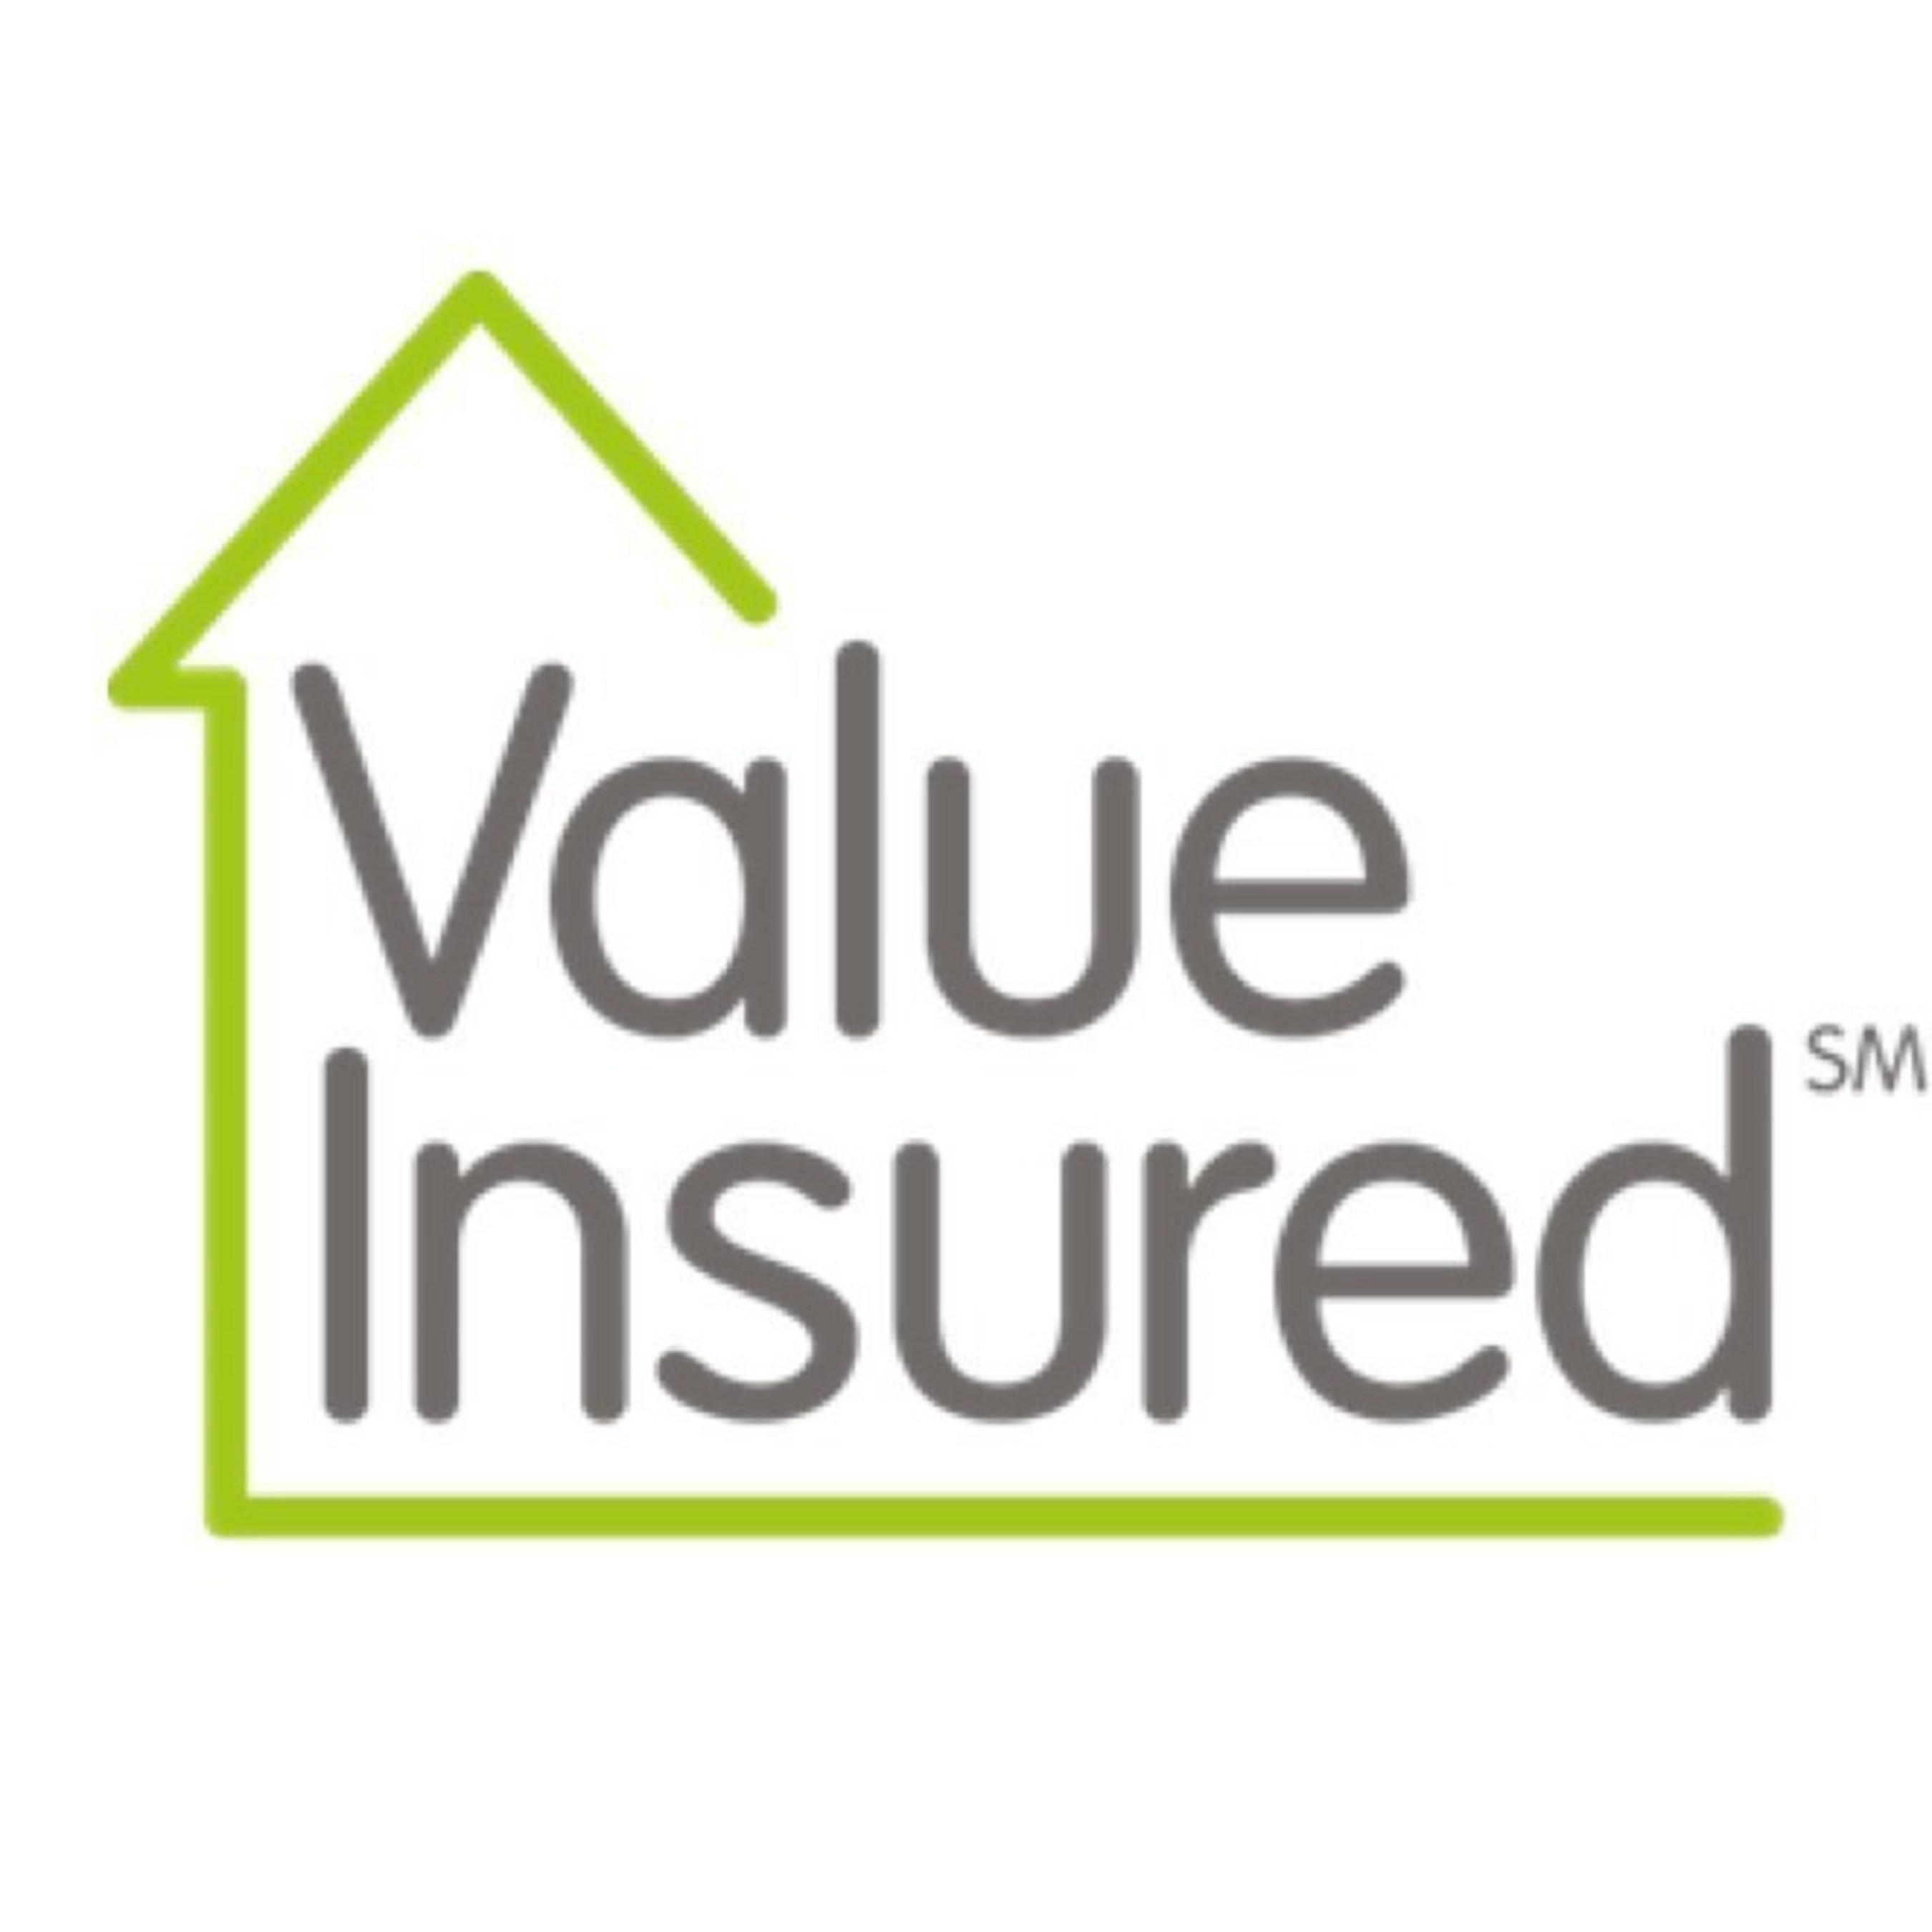 ValueInsured (PRNewsFoto/ValueInsured)